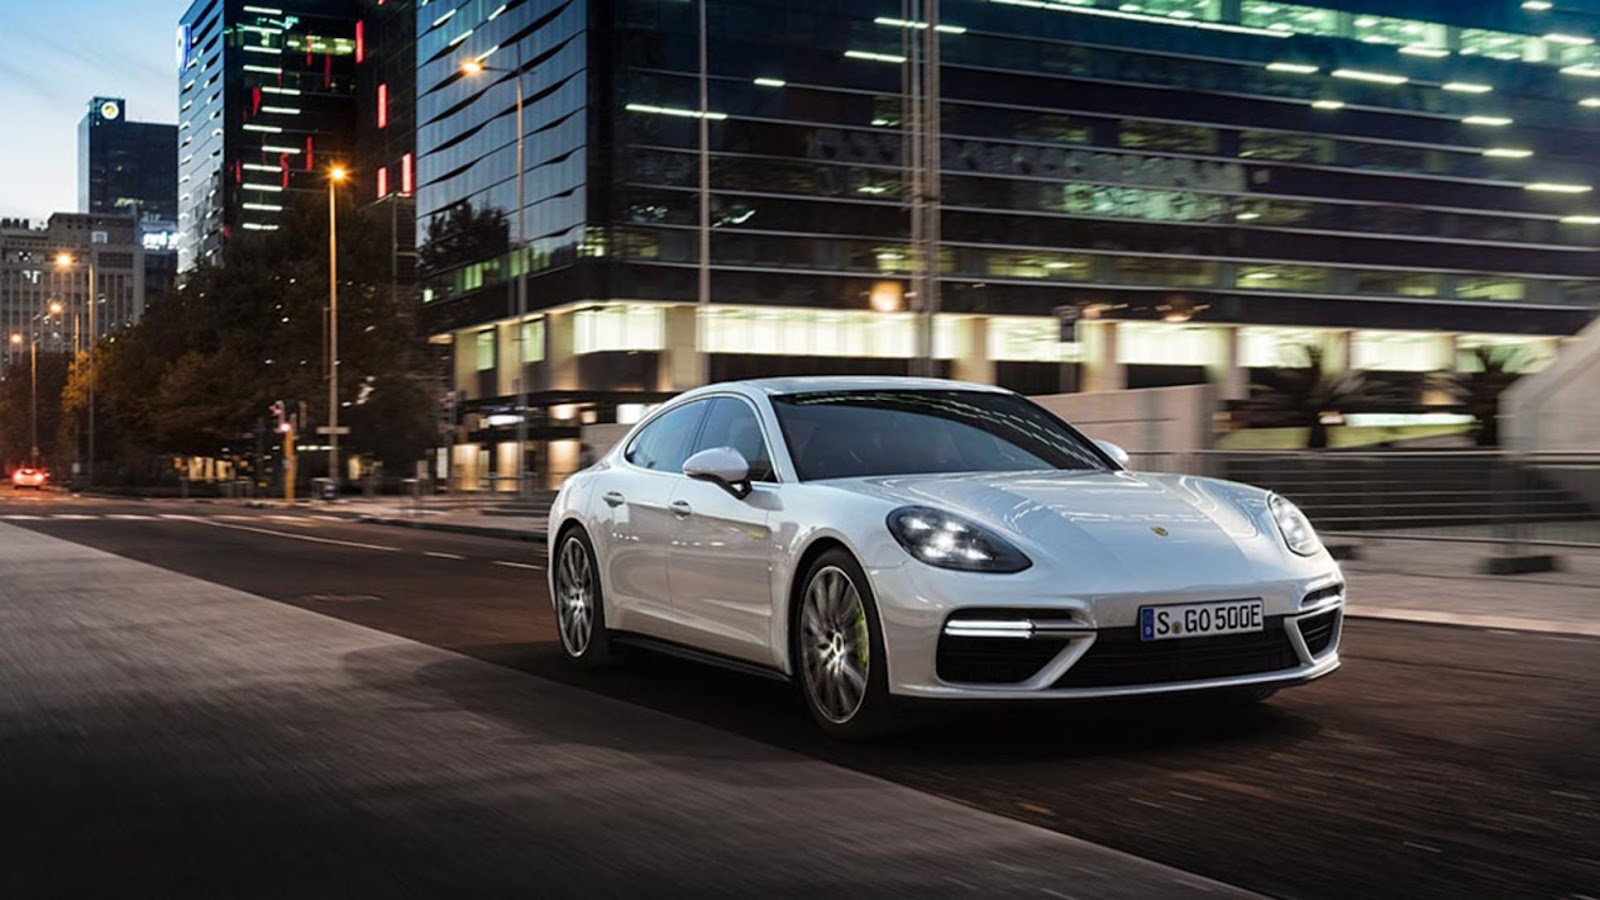 Porsche Panamera tem consumo de 19,2 km/l na cidade e 21,3 km/l na estrada (Imagem: Porsche/Divulgação)